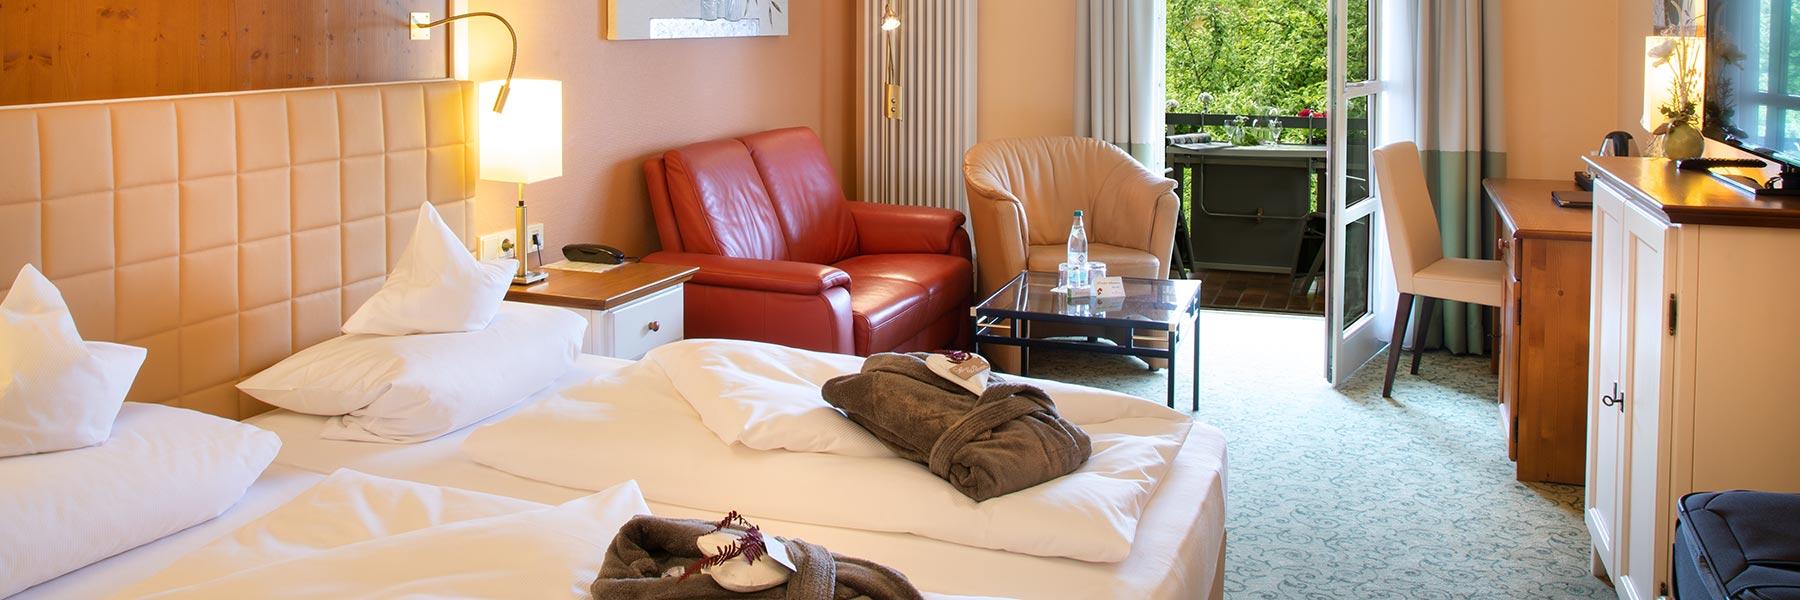 Hotelzimmer im Hotel Alter Weißbräu in Bad Birnbach